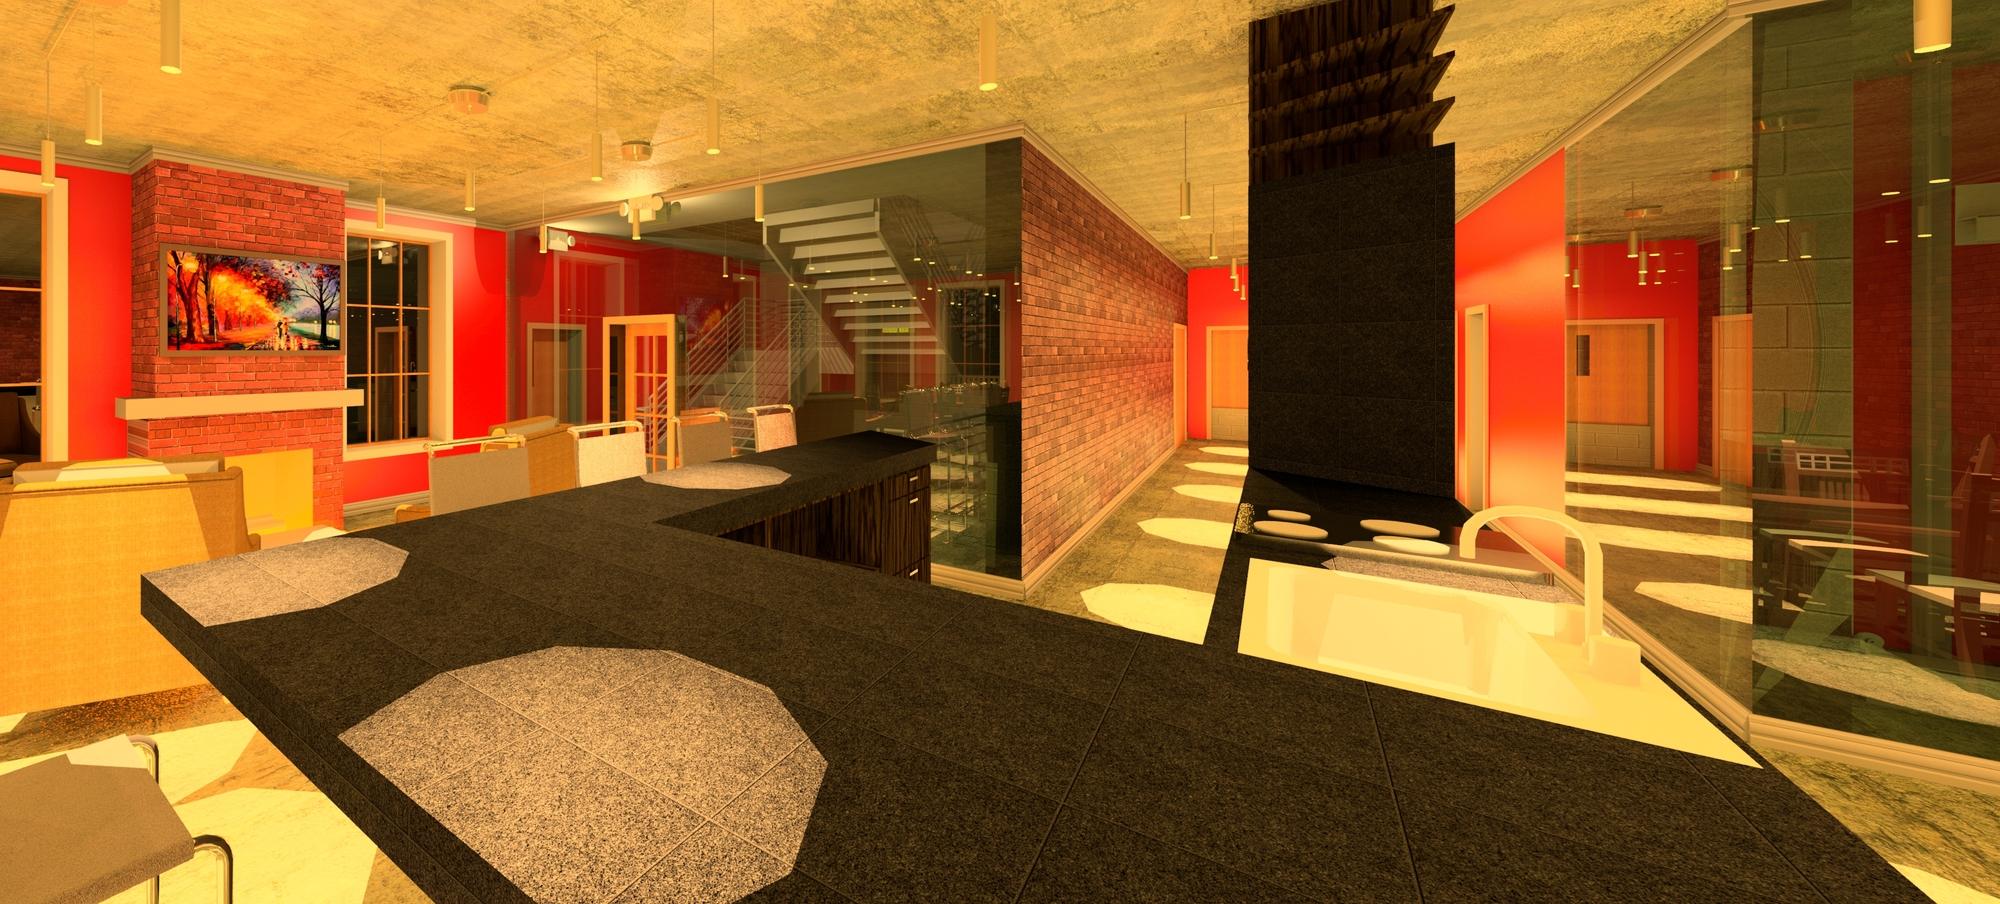 Raas-rendering20150407-8188-loagao